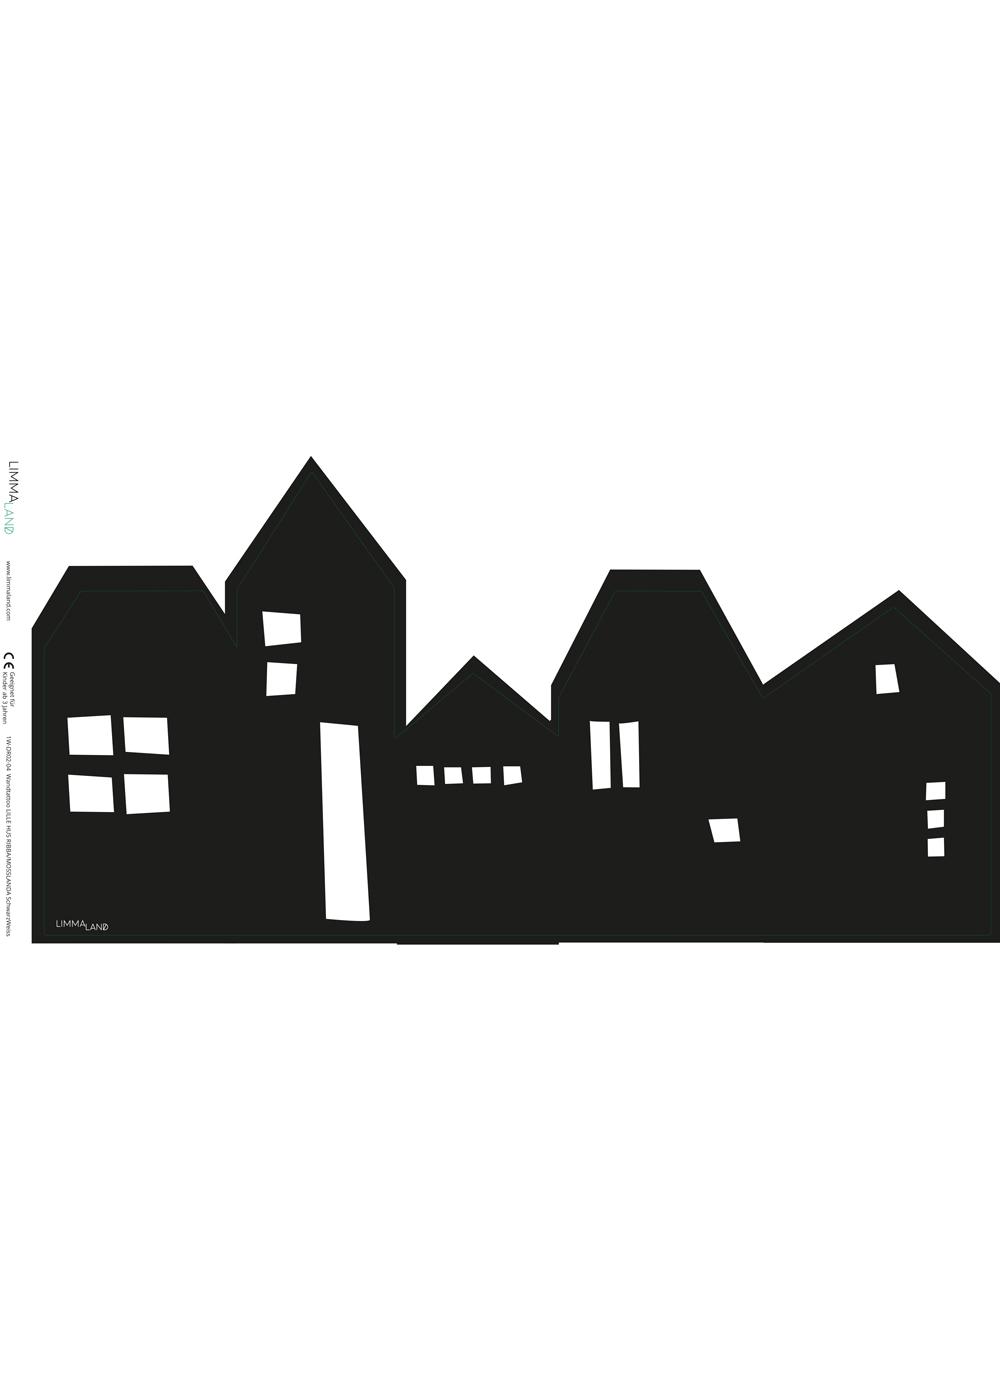 Ikea Mosslanda Bilderleiste Lille Hus schwarz Druckvorlage